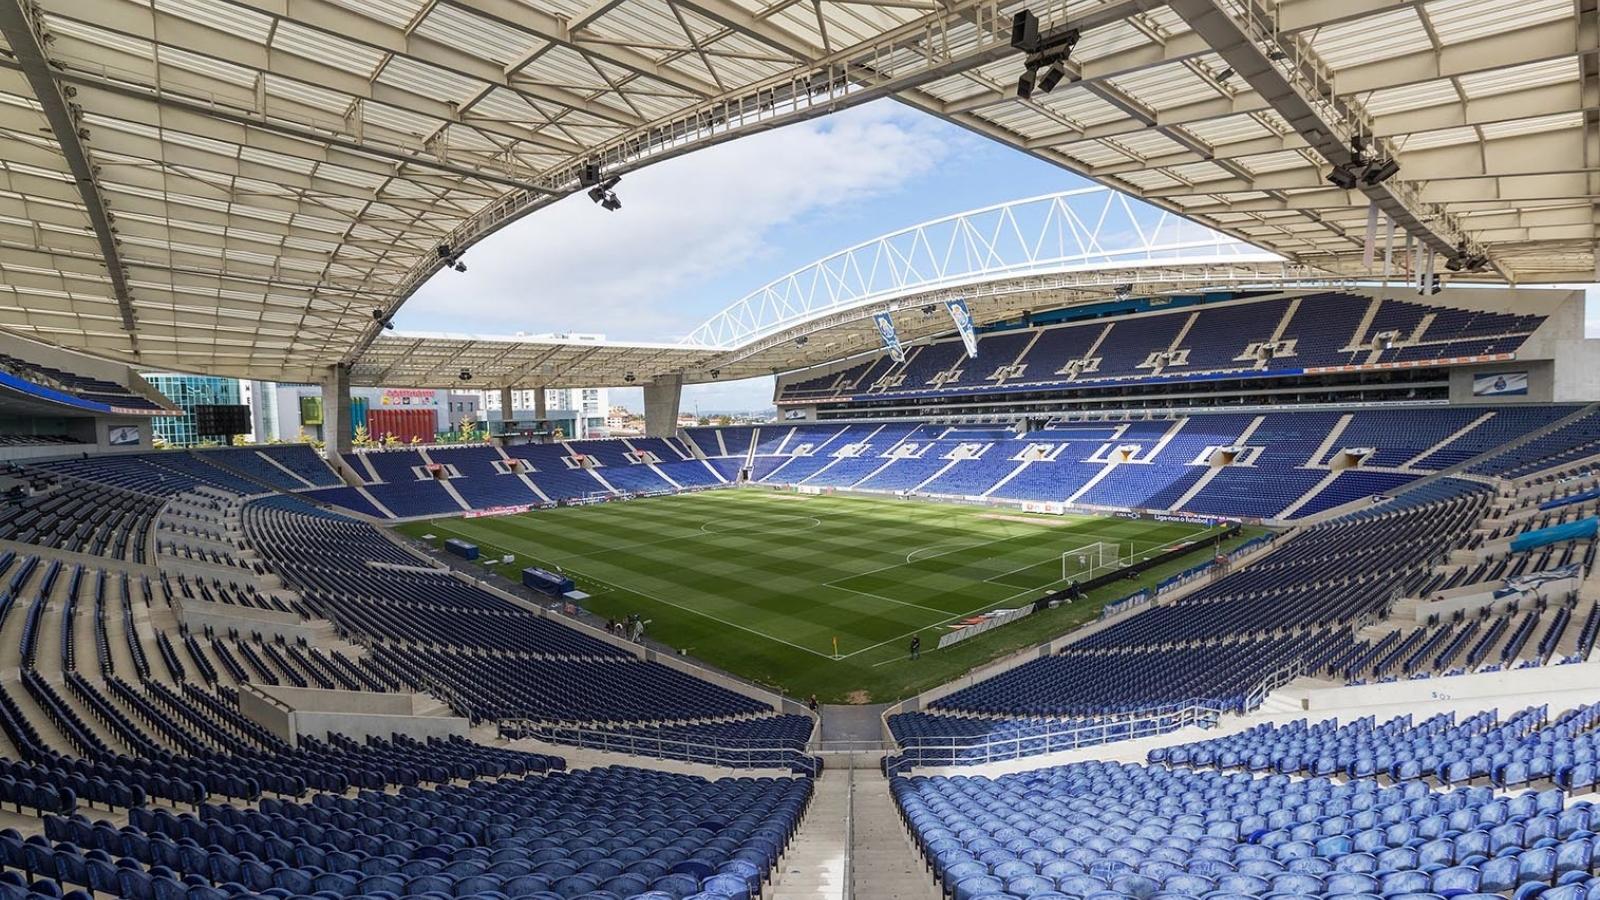 Chính thức: Chung kết Champions League chuyển đến Bồ Đào Nha